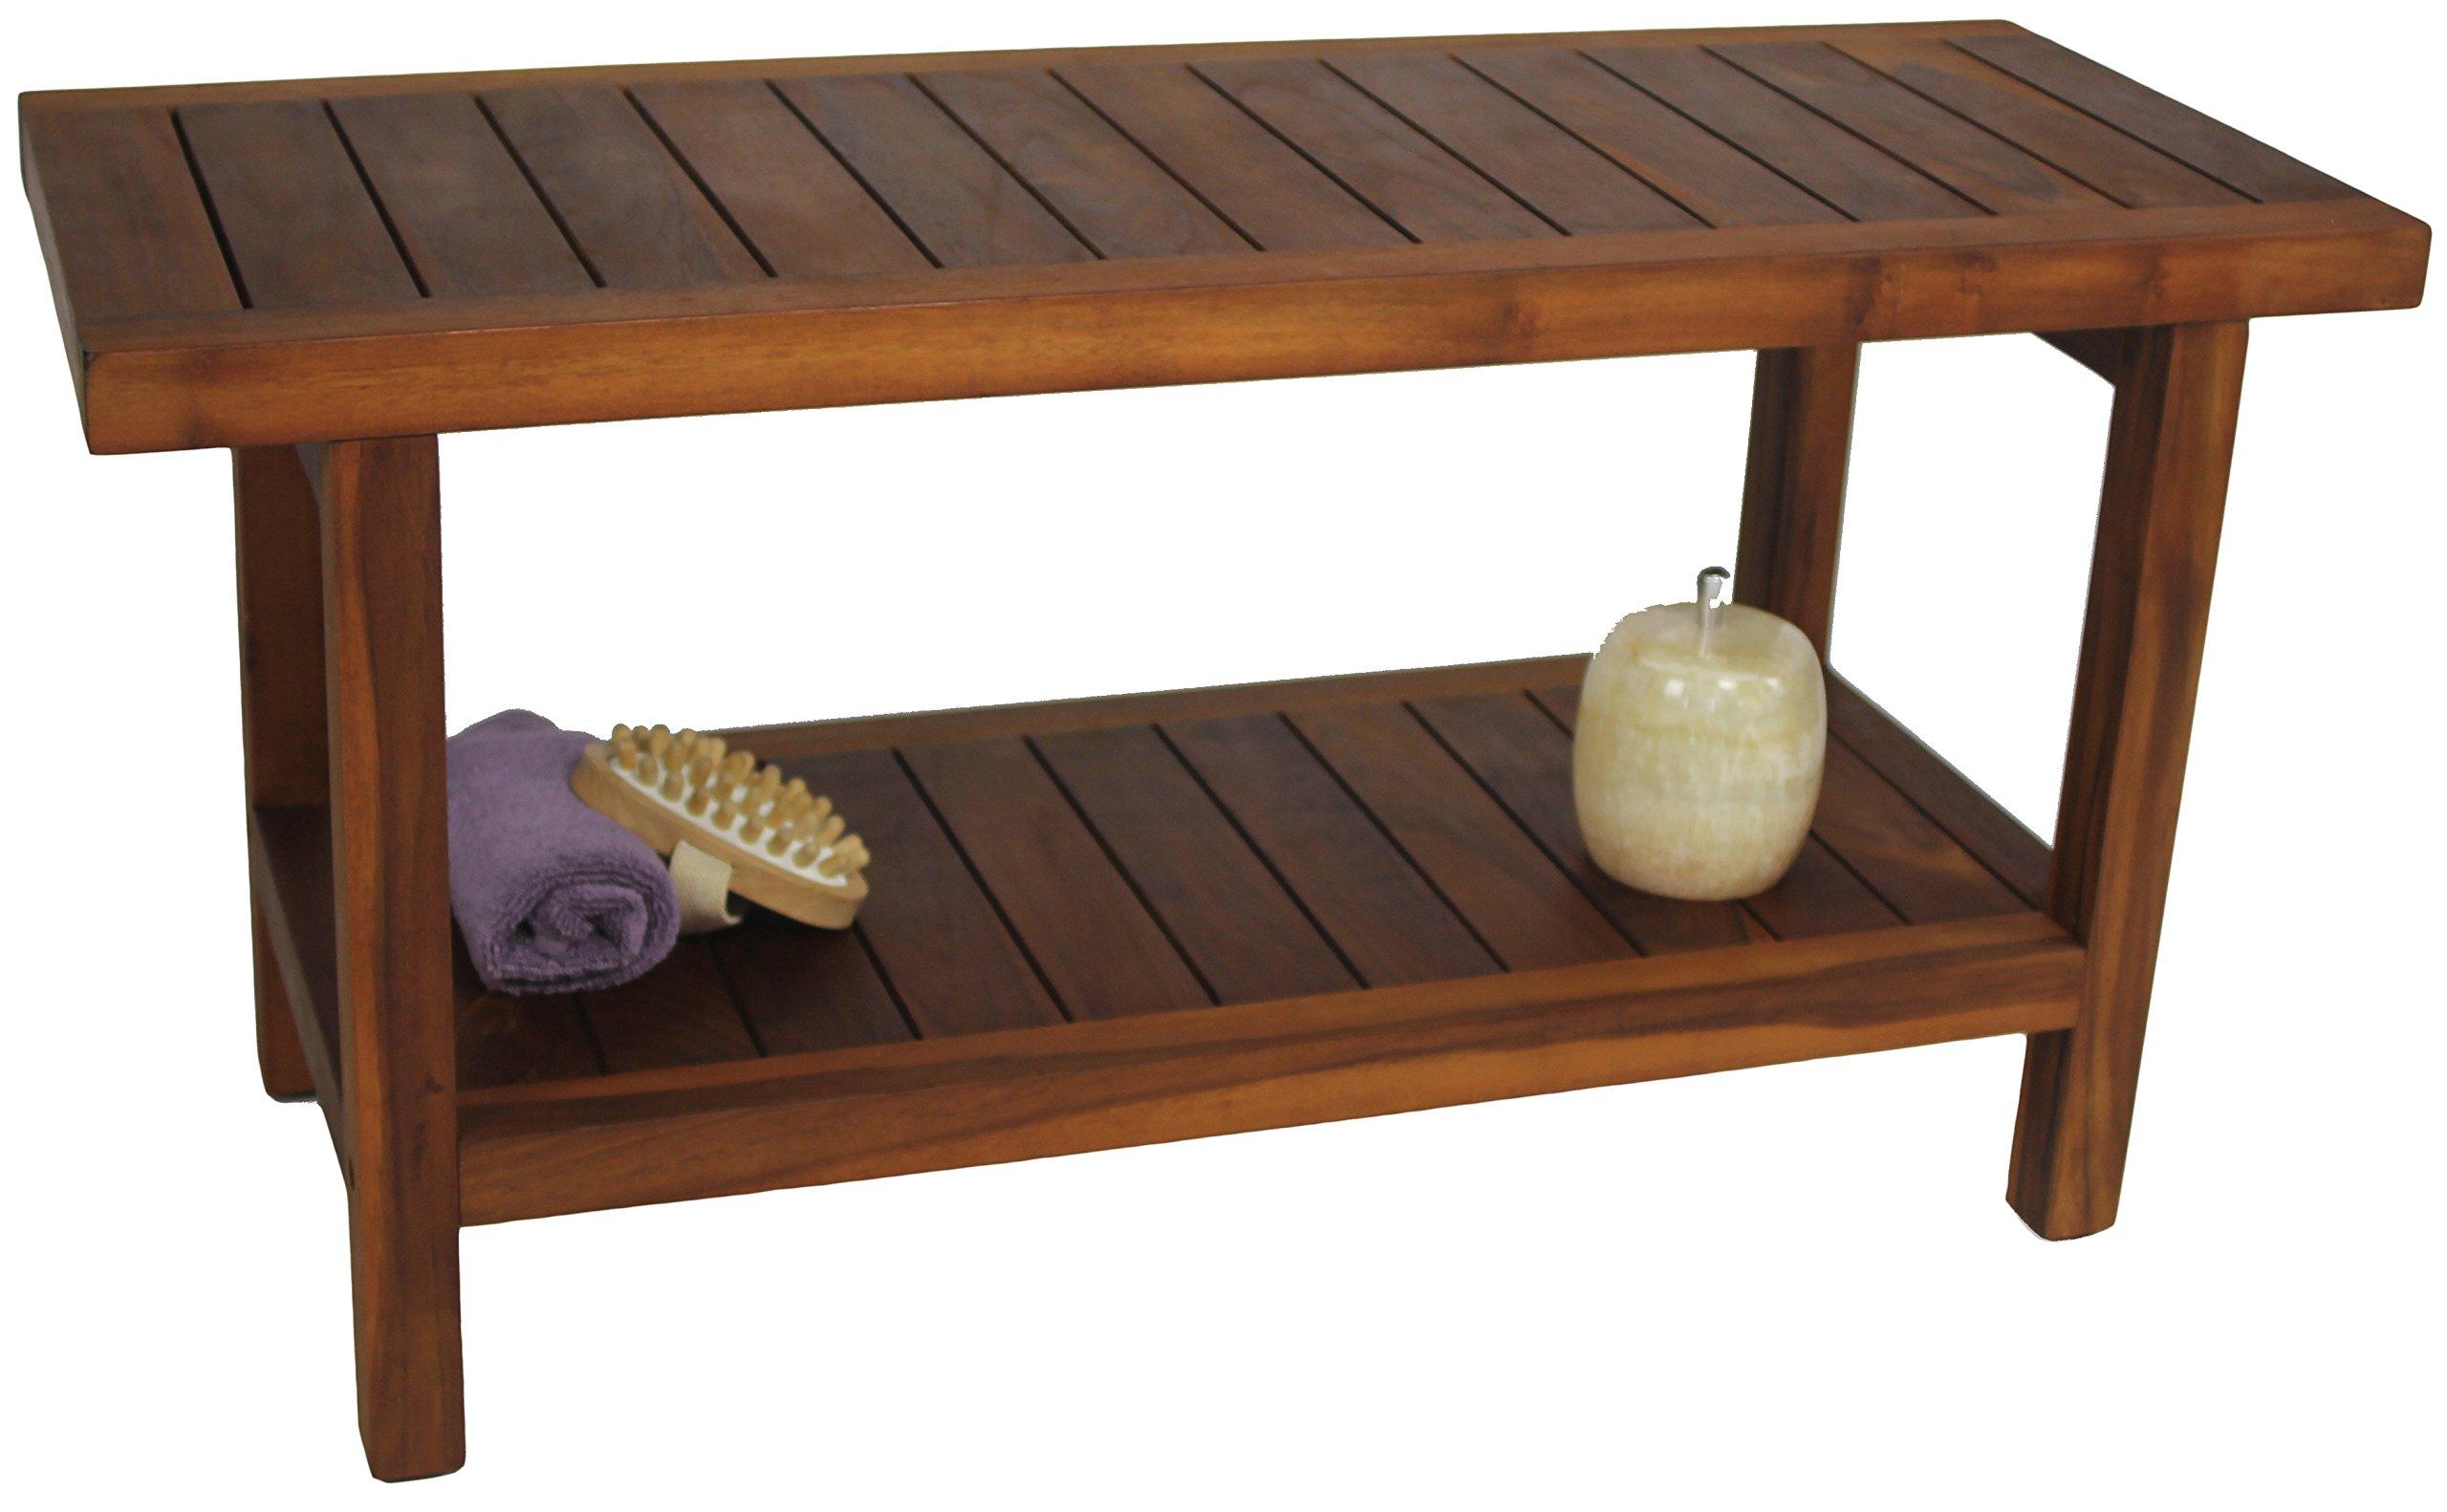 The Original 36'' Spa Teak Shower Bench With Shelf